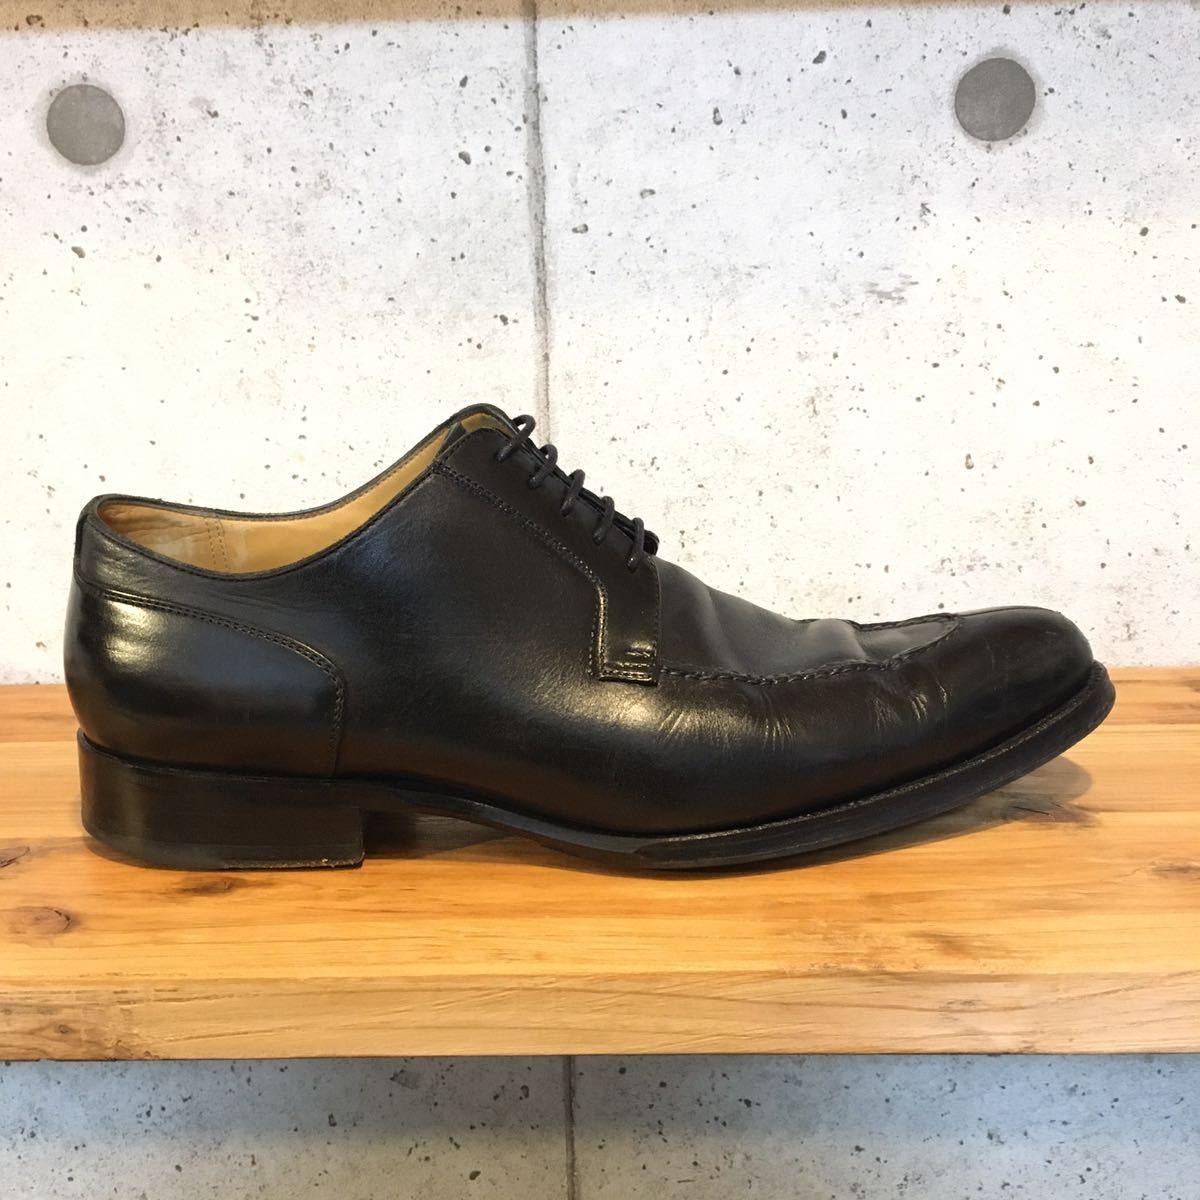 JOHNSTON&MURPHY ジョンストン&マーフィー 革靴 ビジネスシューズ 黒 本革 レザーシューズ ドレスシューズ ビブラムソール vibram_画像3